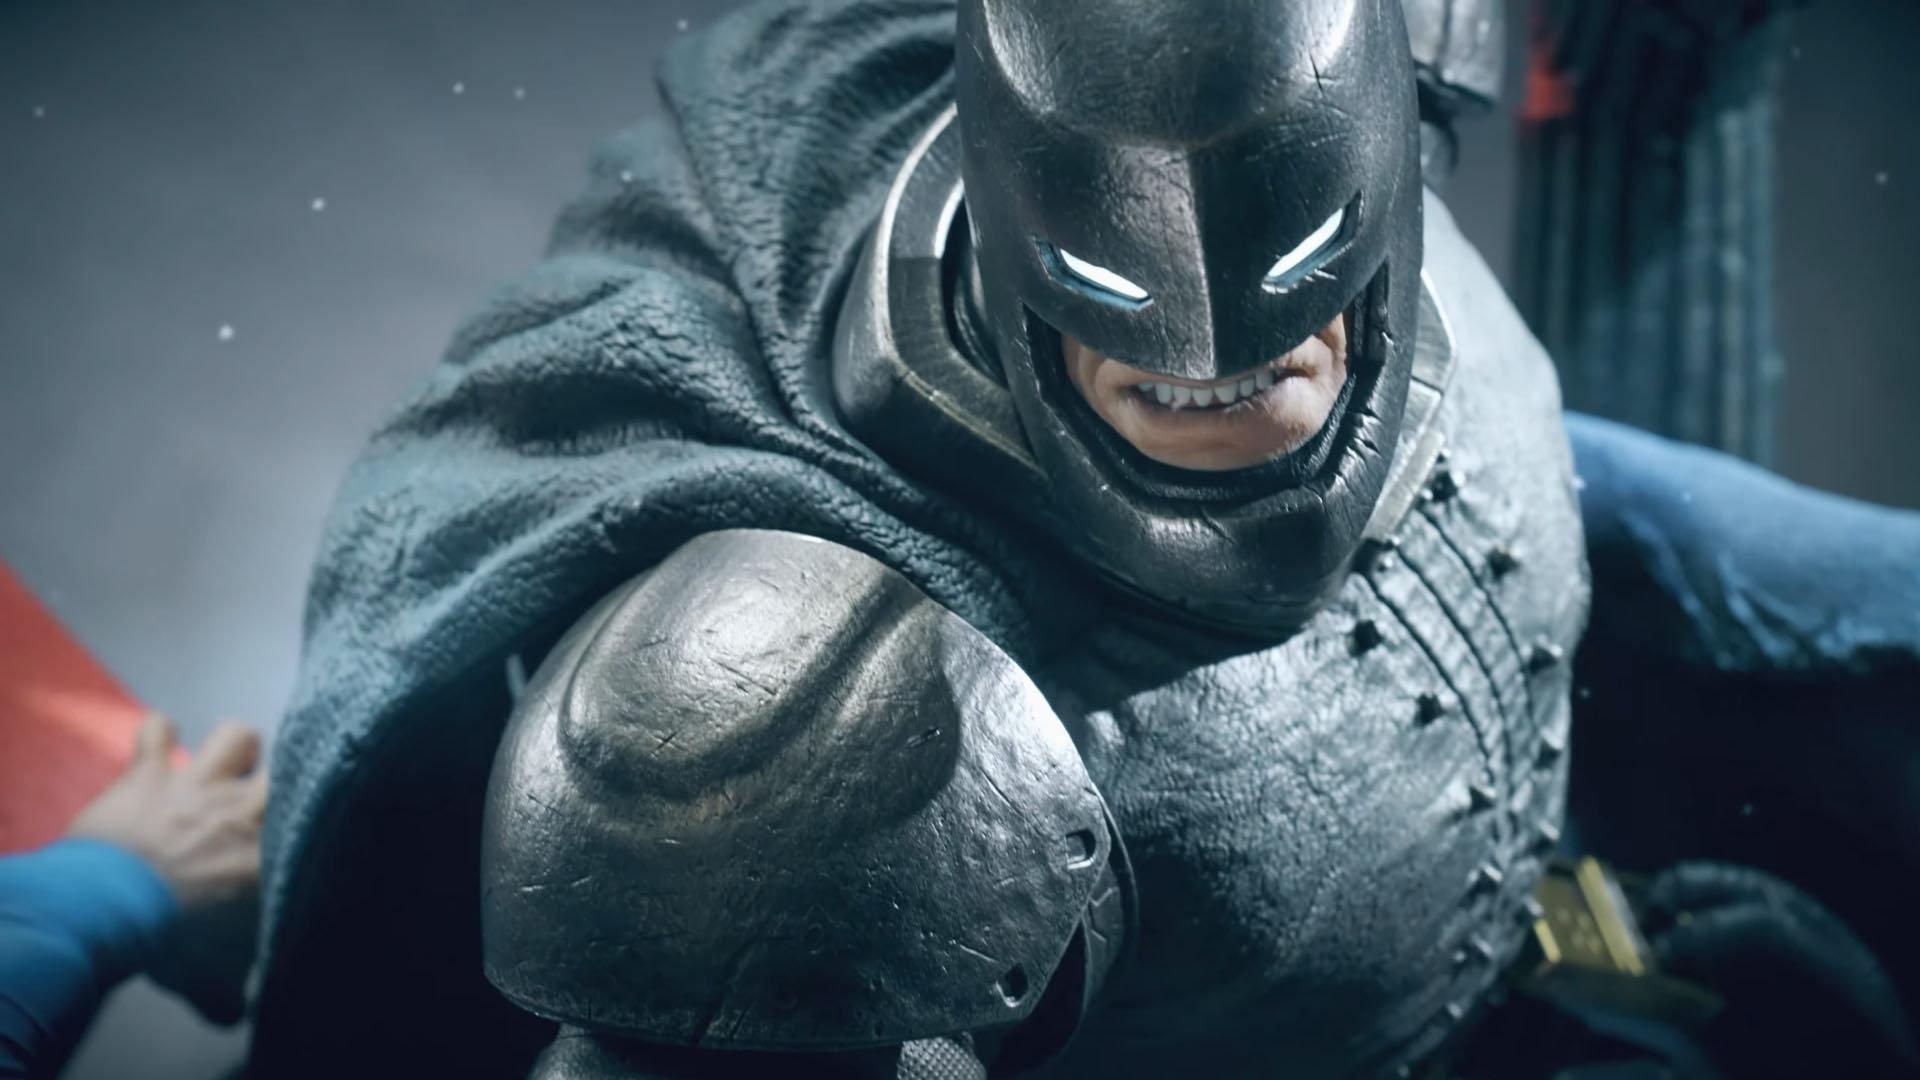 Prime 1 Studio新品2连发:黑暗骑士小丑、漫画版蝙蝠侠大战超人